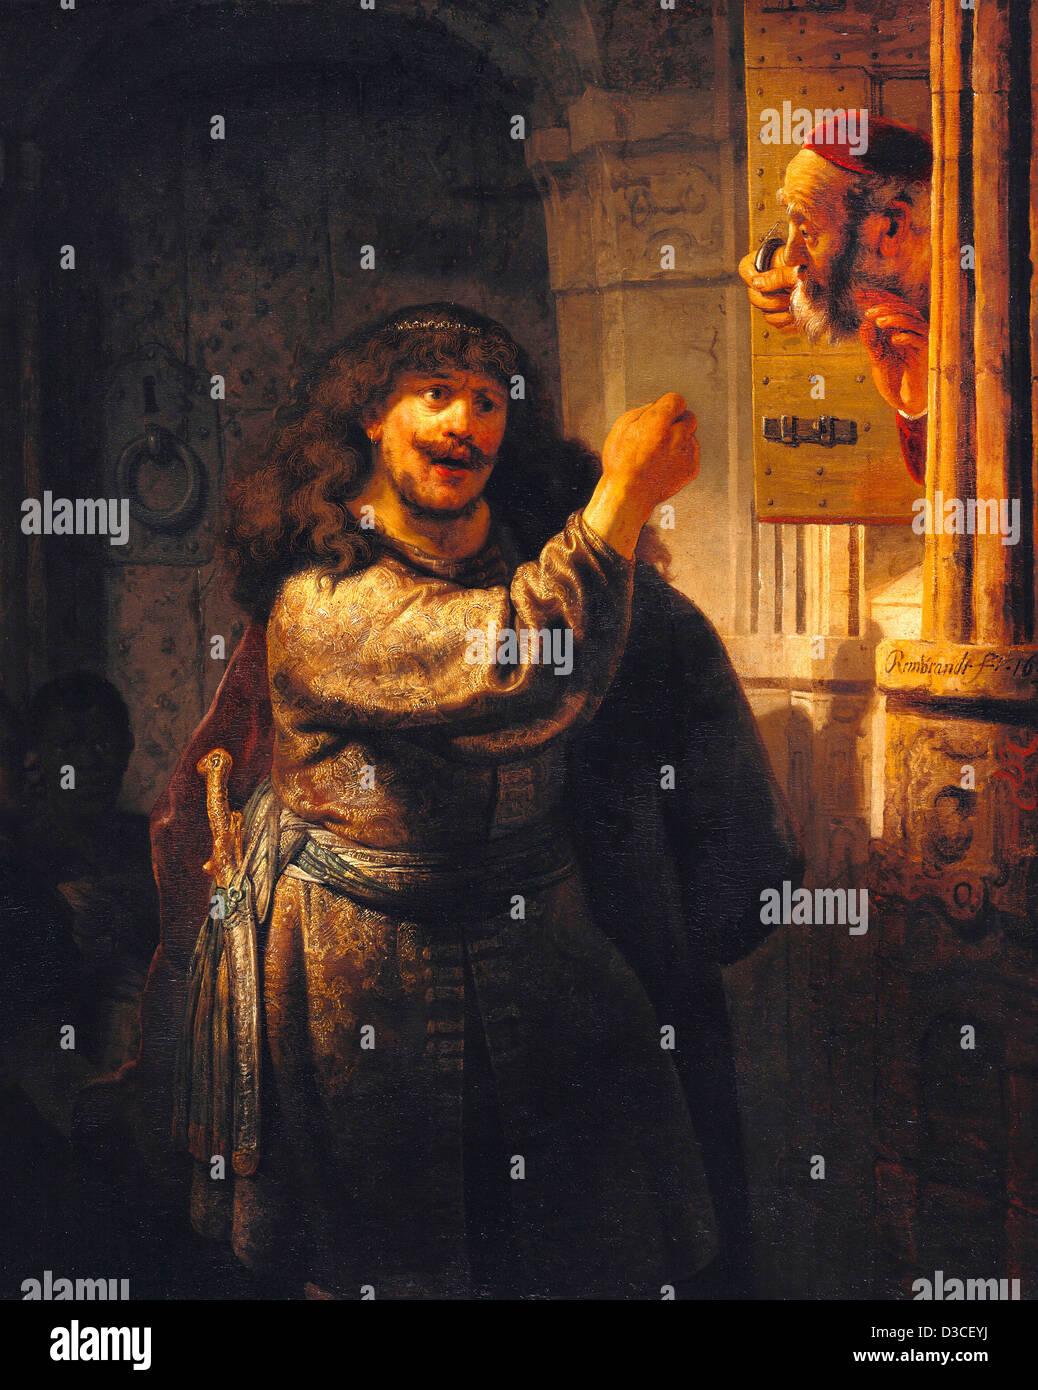 Rembrandt van Rijn, Samson menacé son beau-père. 1635 Huile sur toile. Baroque. Gemaldegalerie, Berlin. Photo Stock